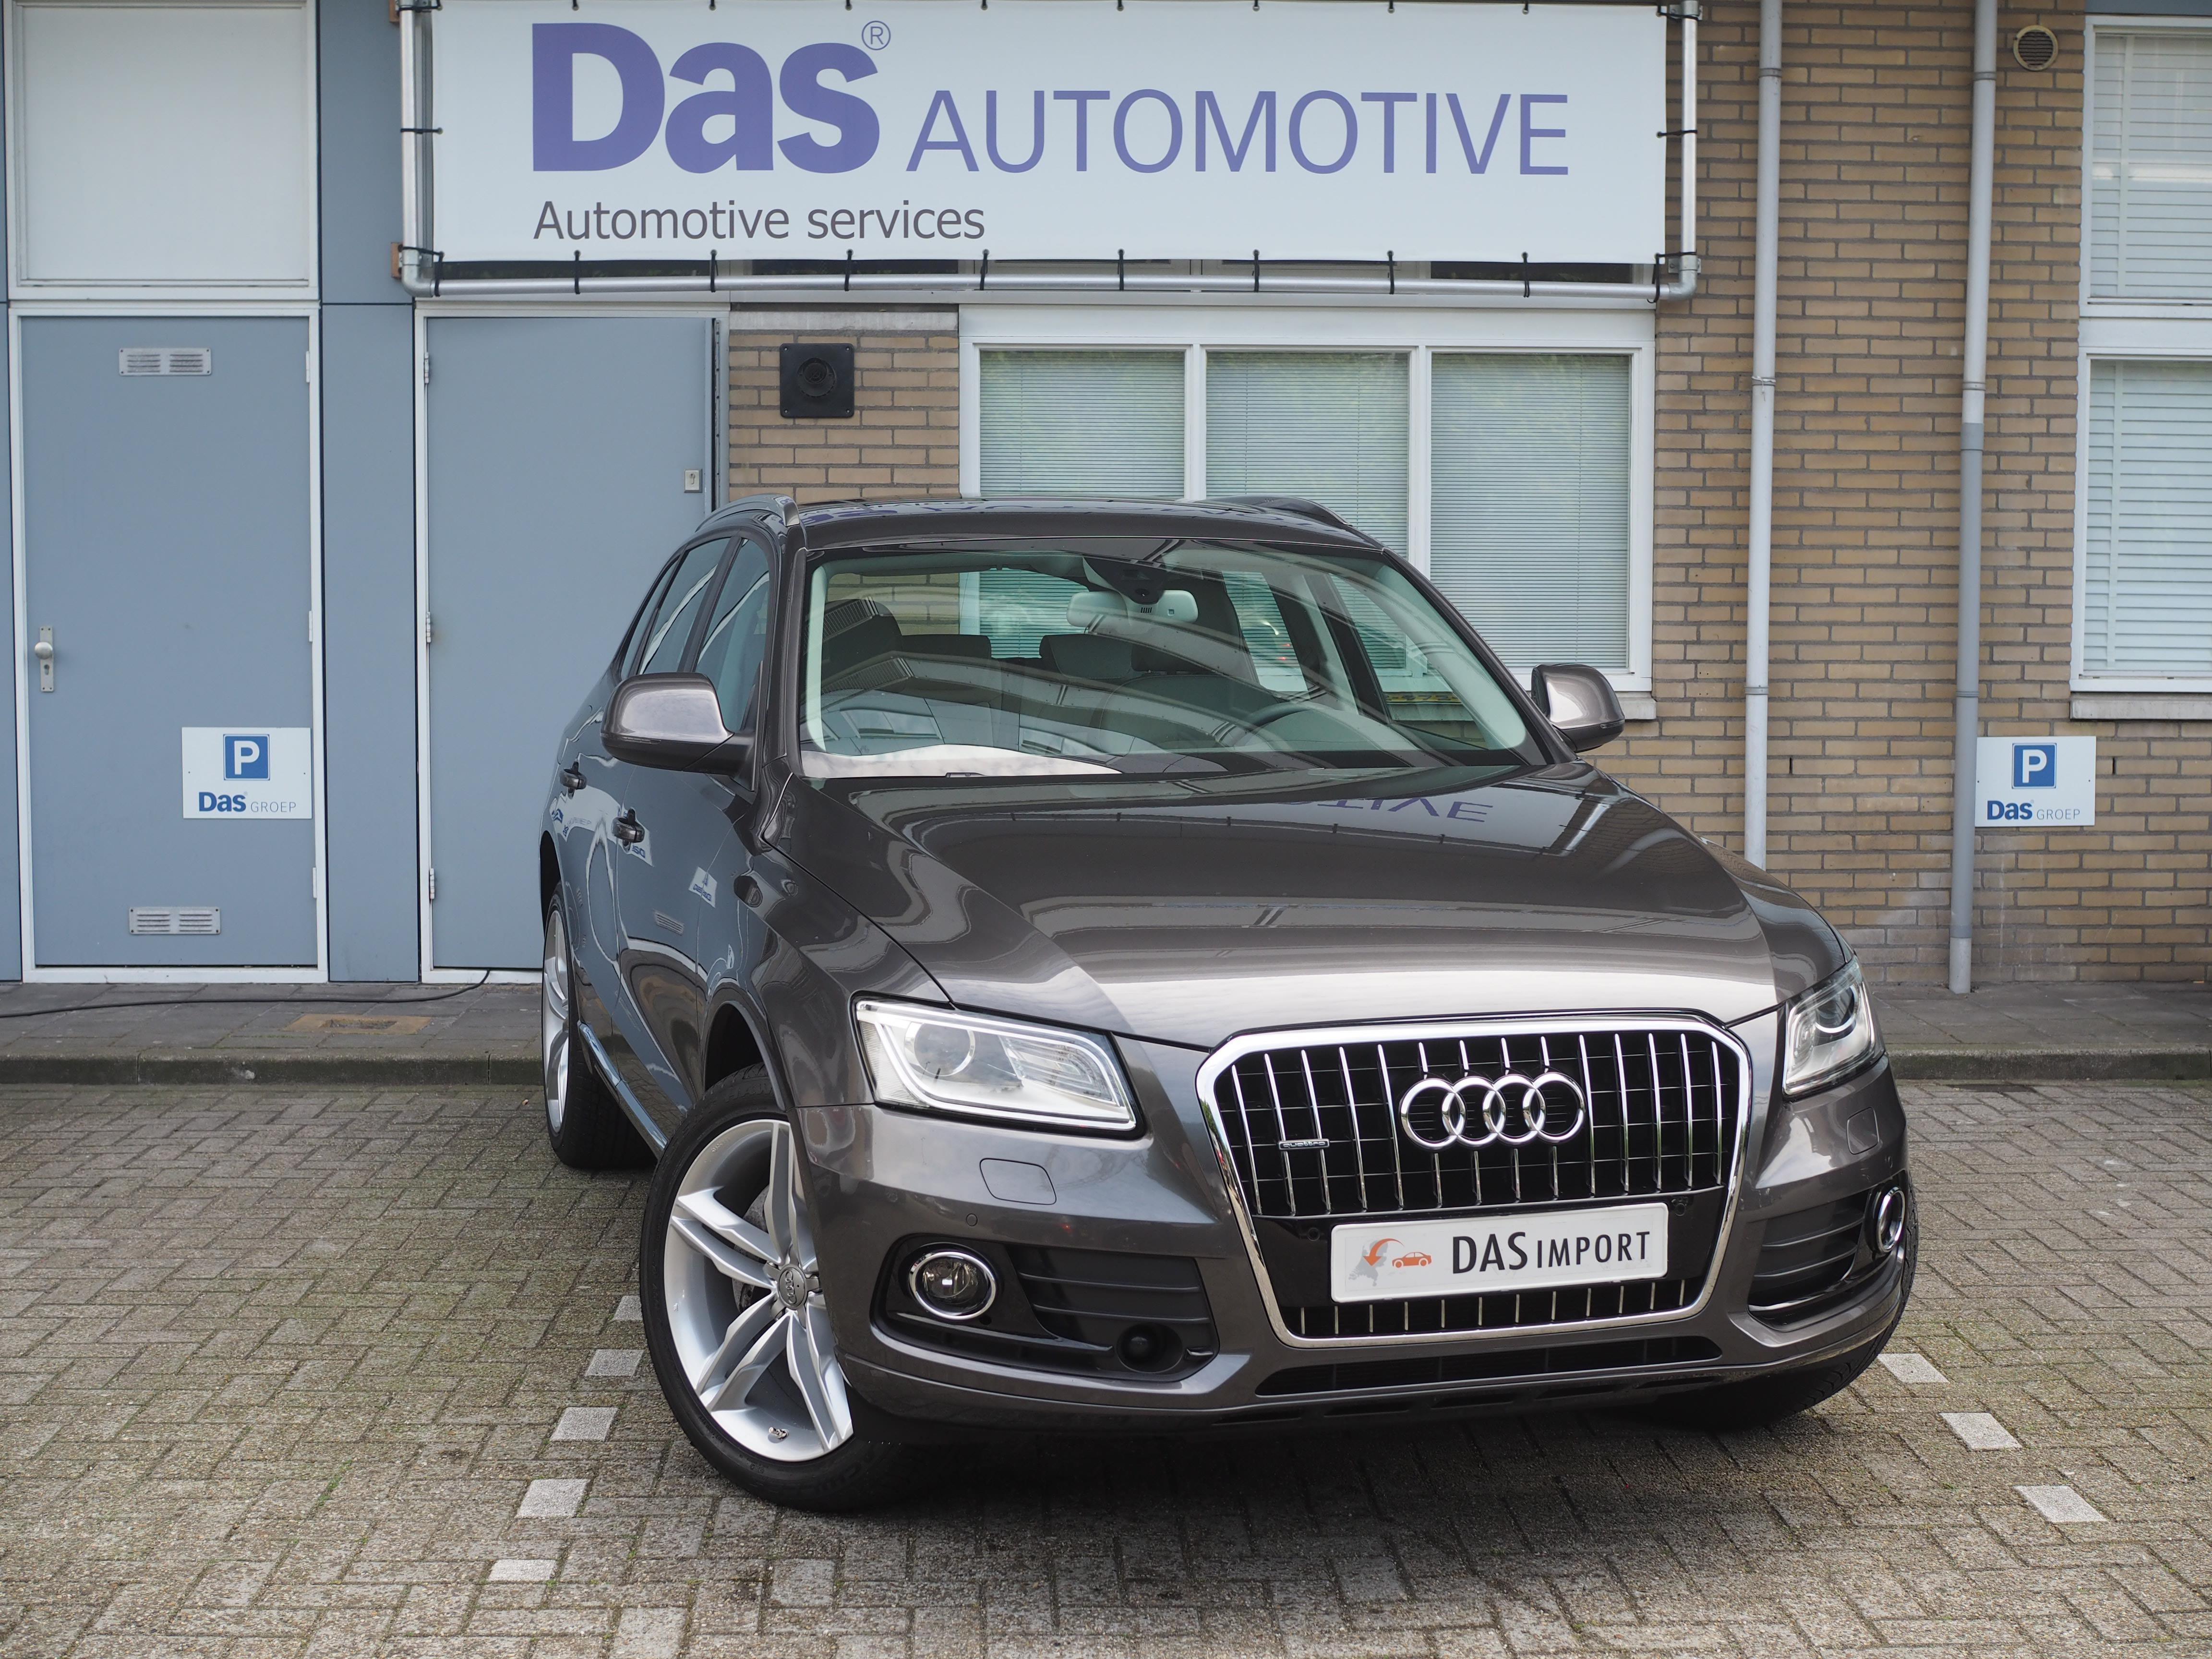 Importauto: Audi Q5 3.0 TFSI quattro 200kW Tiptronic 11/2012